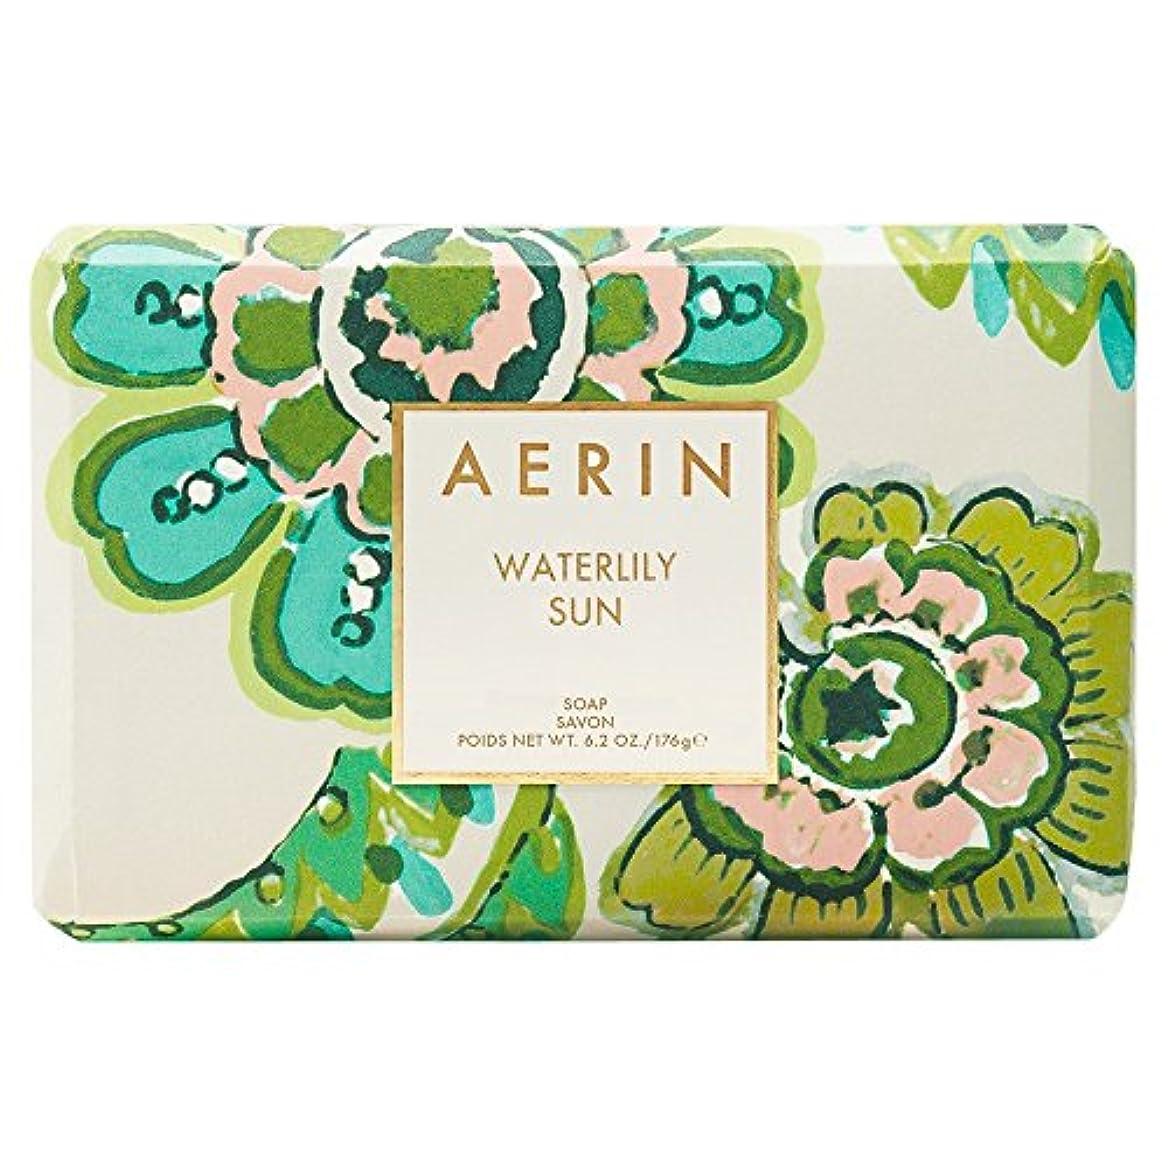 憂慮すべきスピーチマークされたAerinスイレン日石鹸176グラム (AERIN) (x2) - AERIN Waterlily Sun Soap 176g (Pack of 2) [並行輸入品]